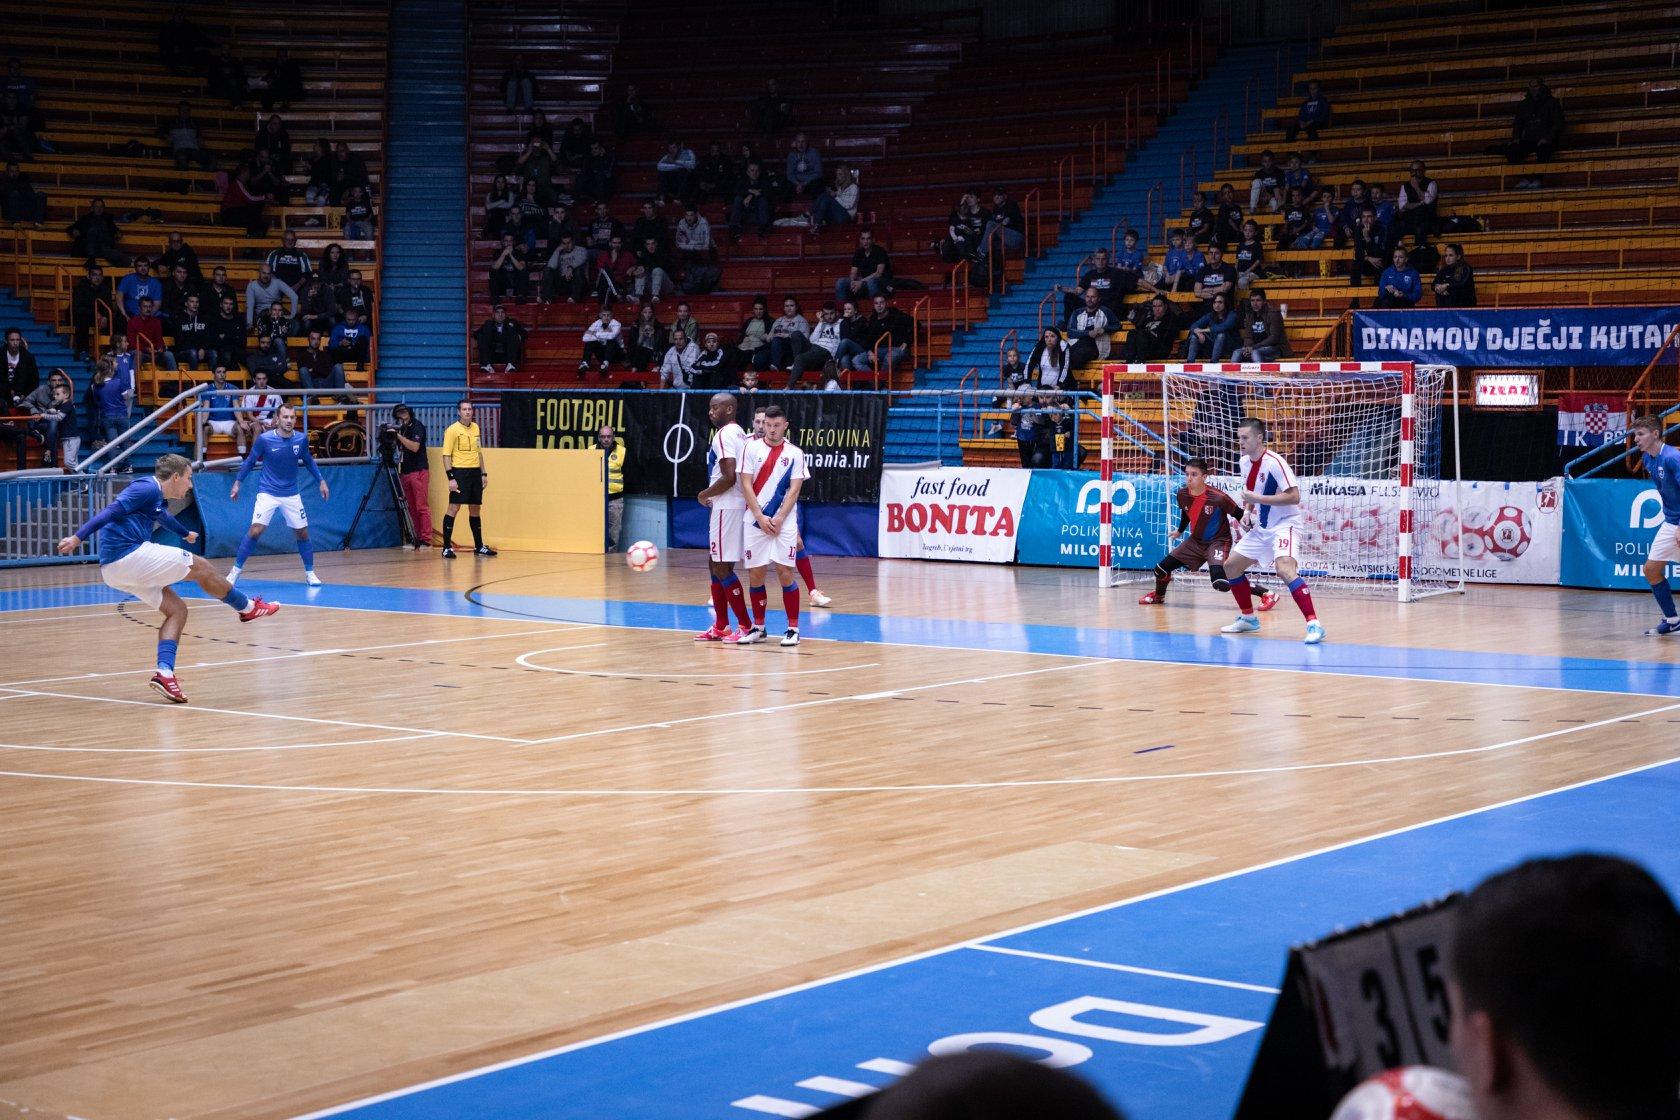 Dinamo vs Square Dubrovnik